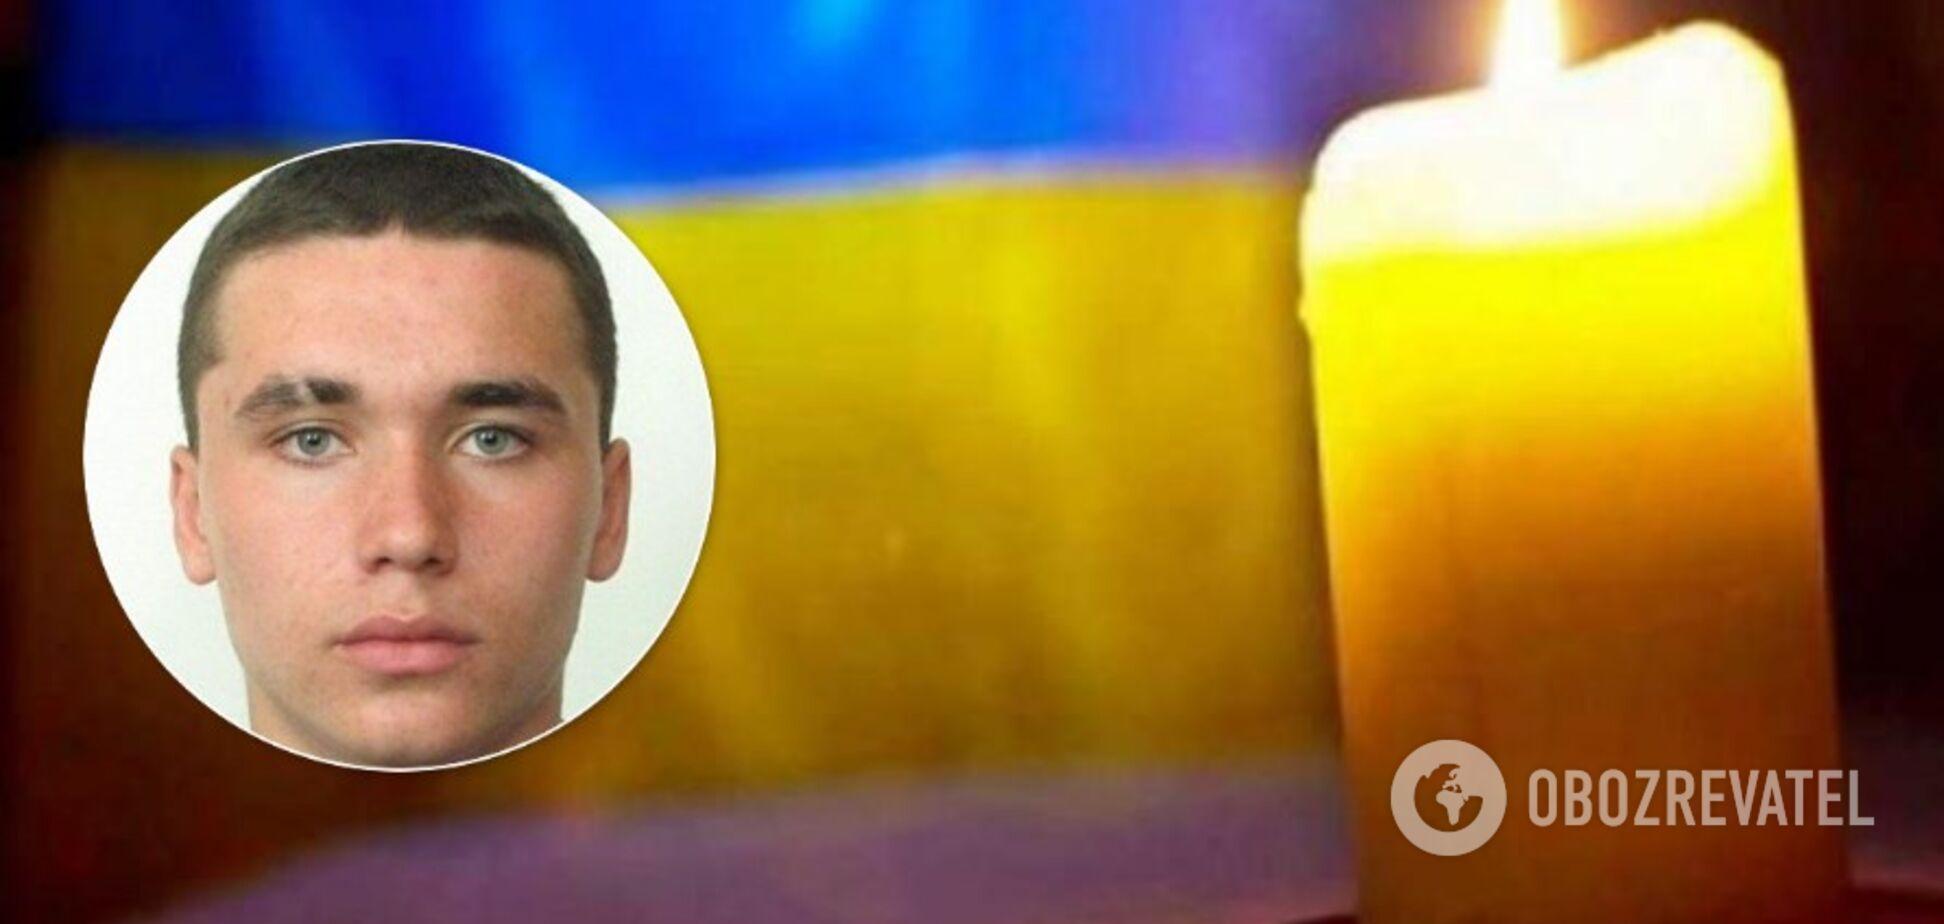 Пропавшего в Мариуполе добровольца 'Бандеру' нашли мертвым